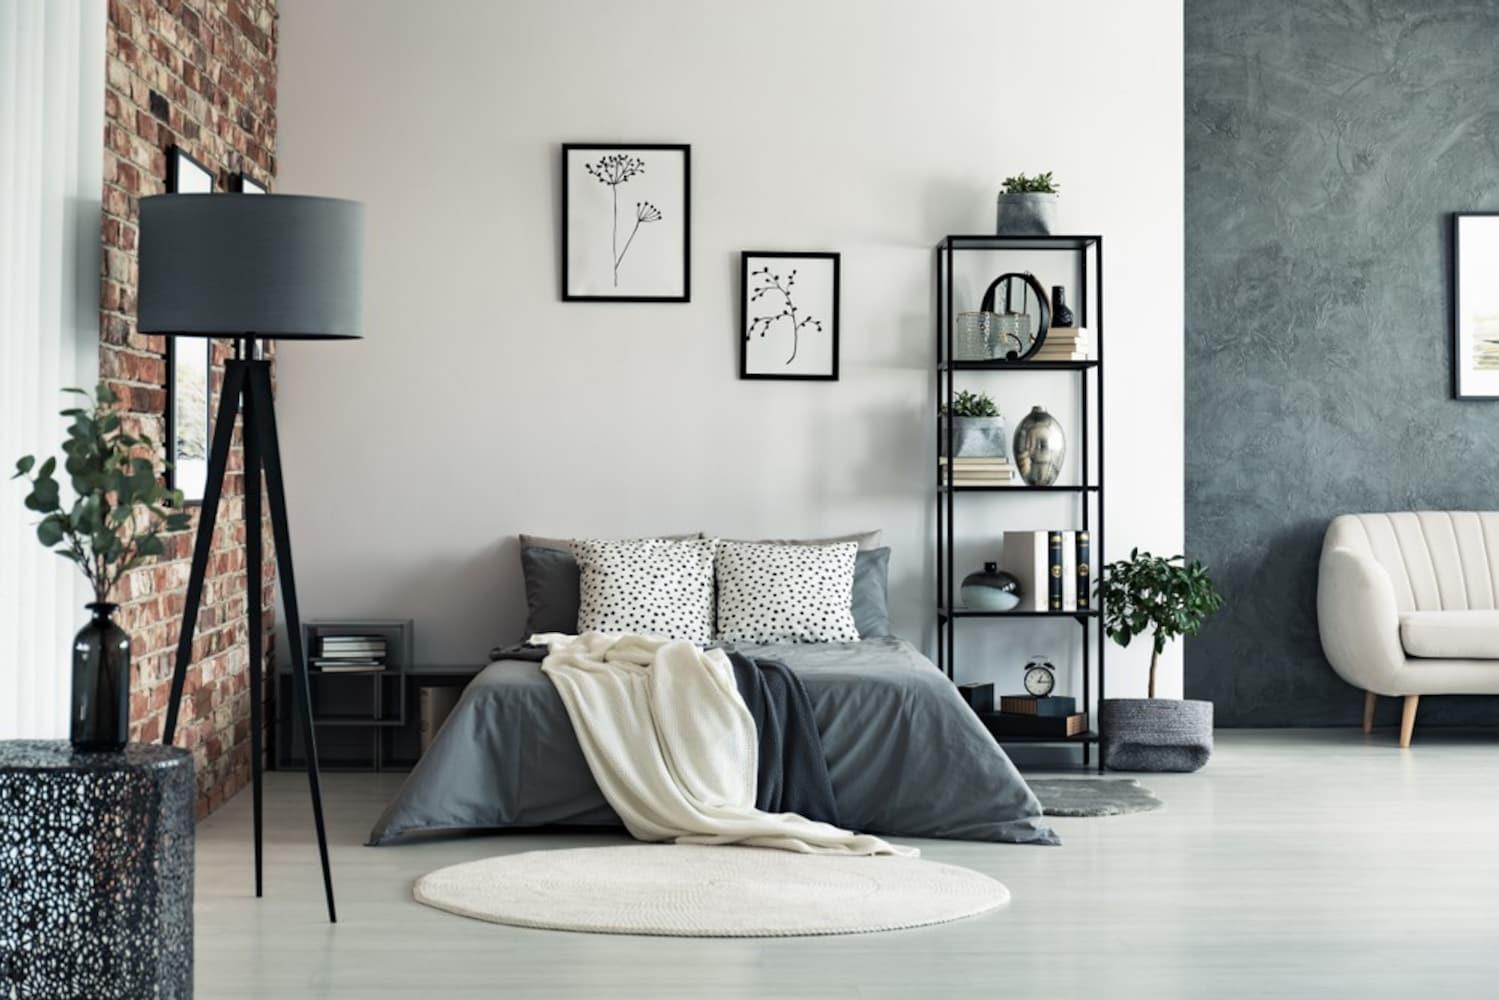 北欧風・シンプル・ホテルライク… 住みたいおしゃれ部屋別インテリアのコツ